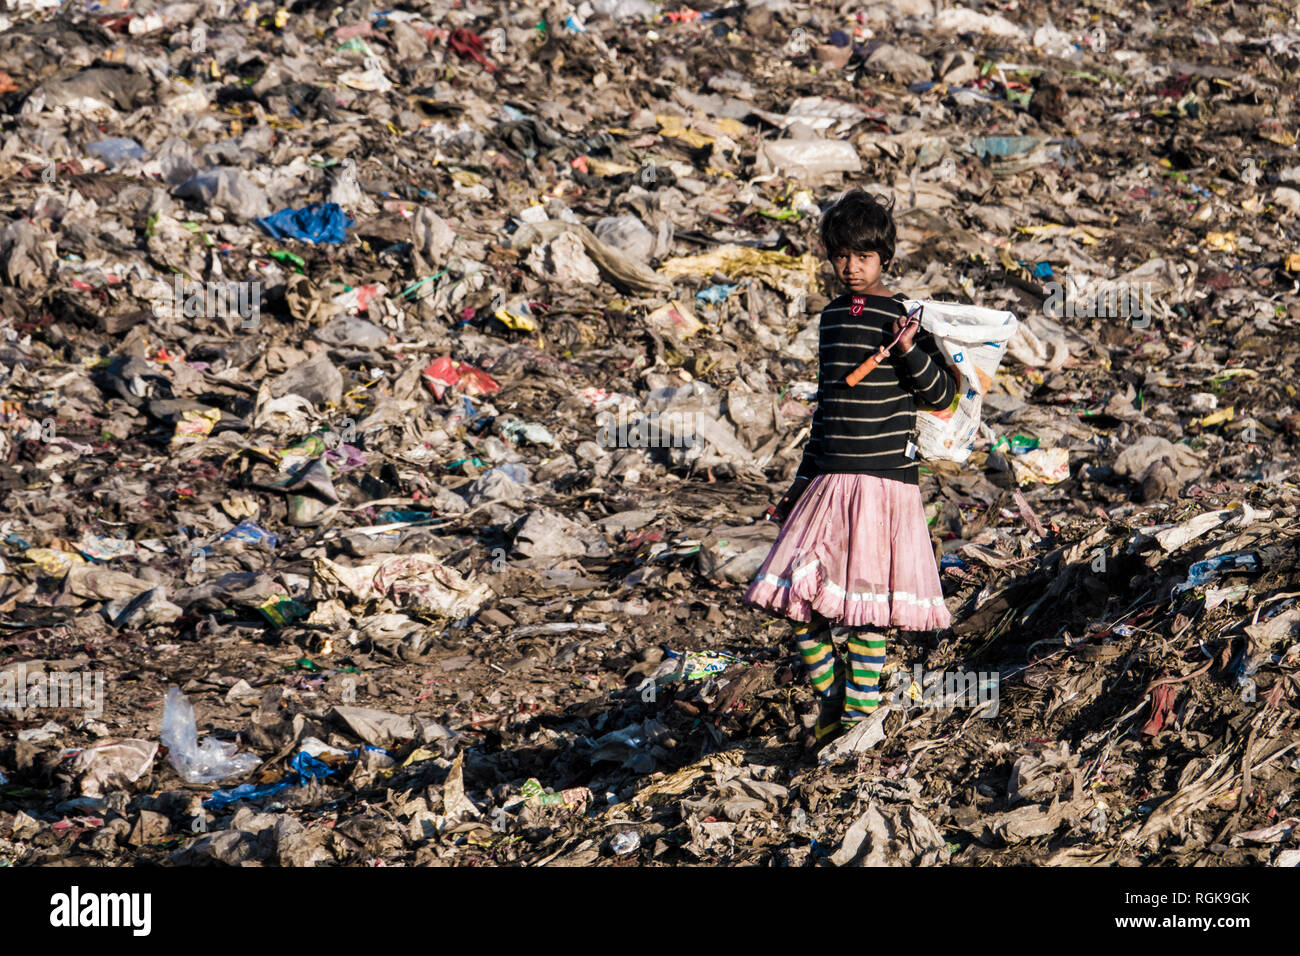 Junge Mädchen sammeln Recycling Materialien auf Mülldeponie in Uttarakhand, Indien Stockbild